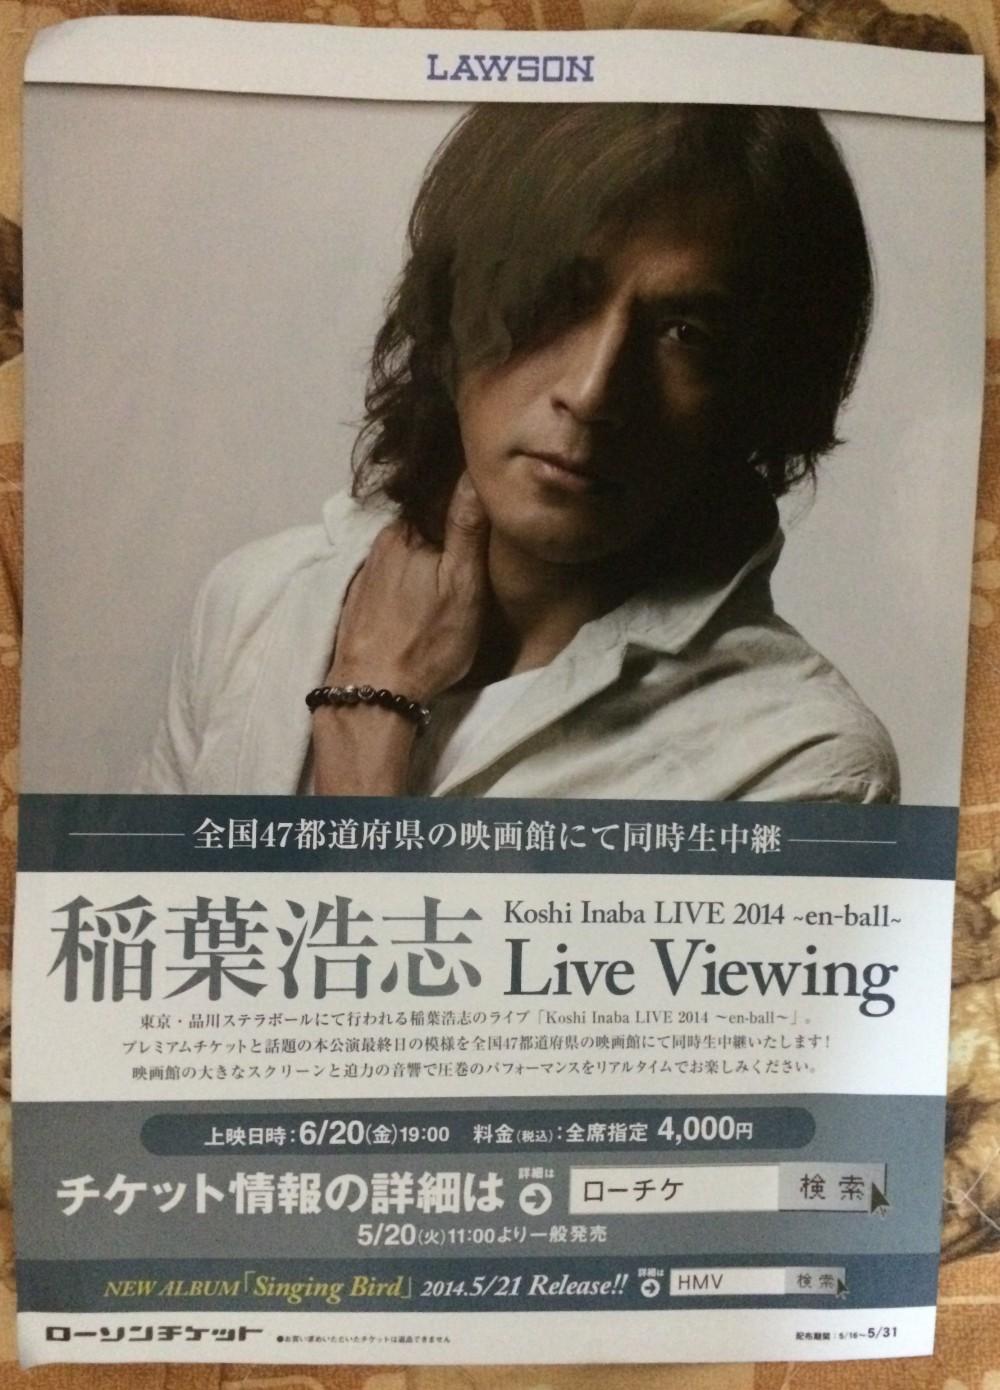 稲葉浩志ライブビューイングフライヤーをローソンでゲット!!